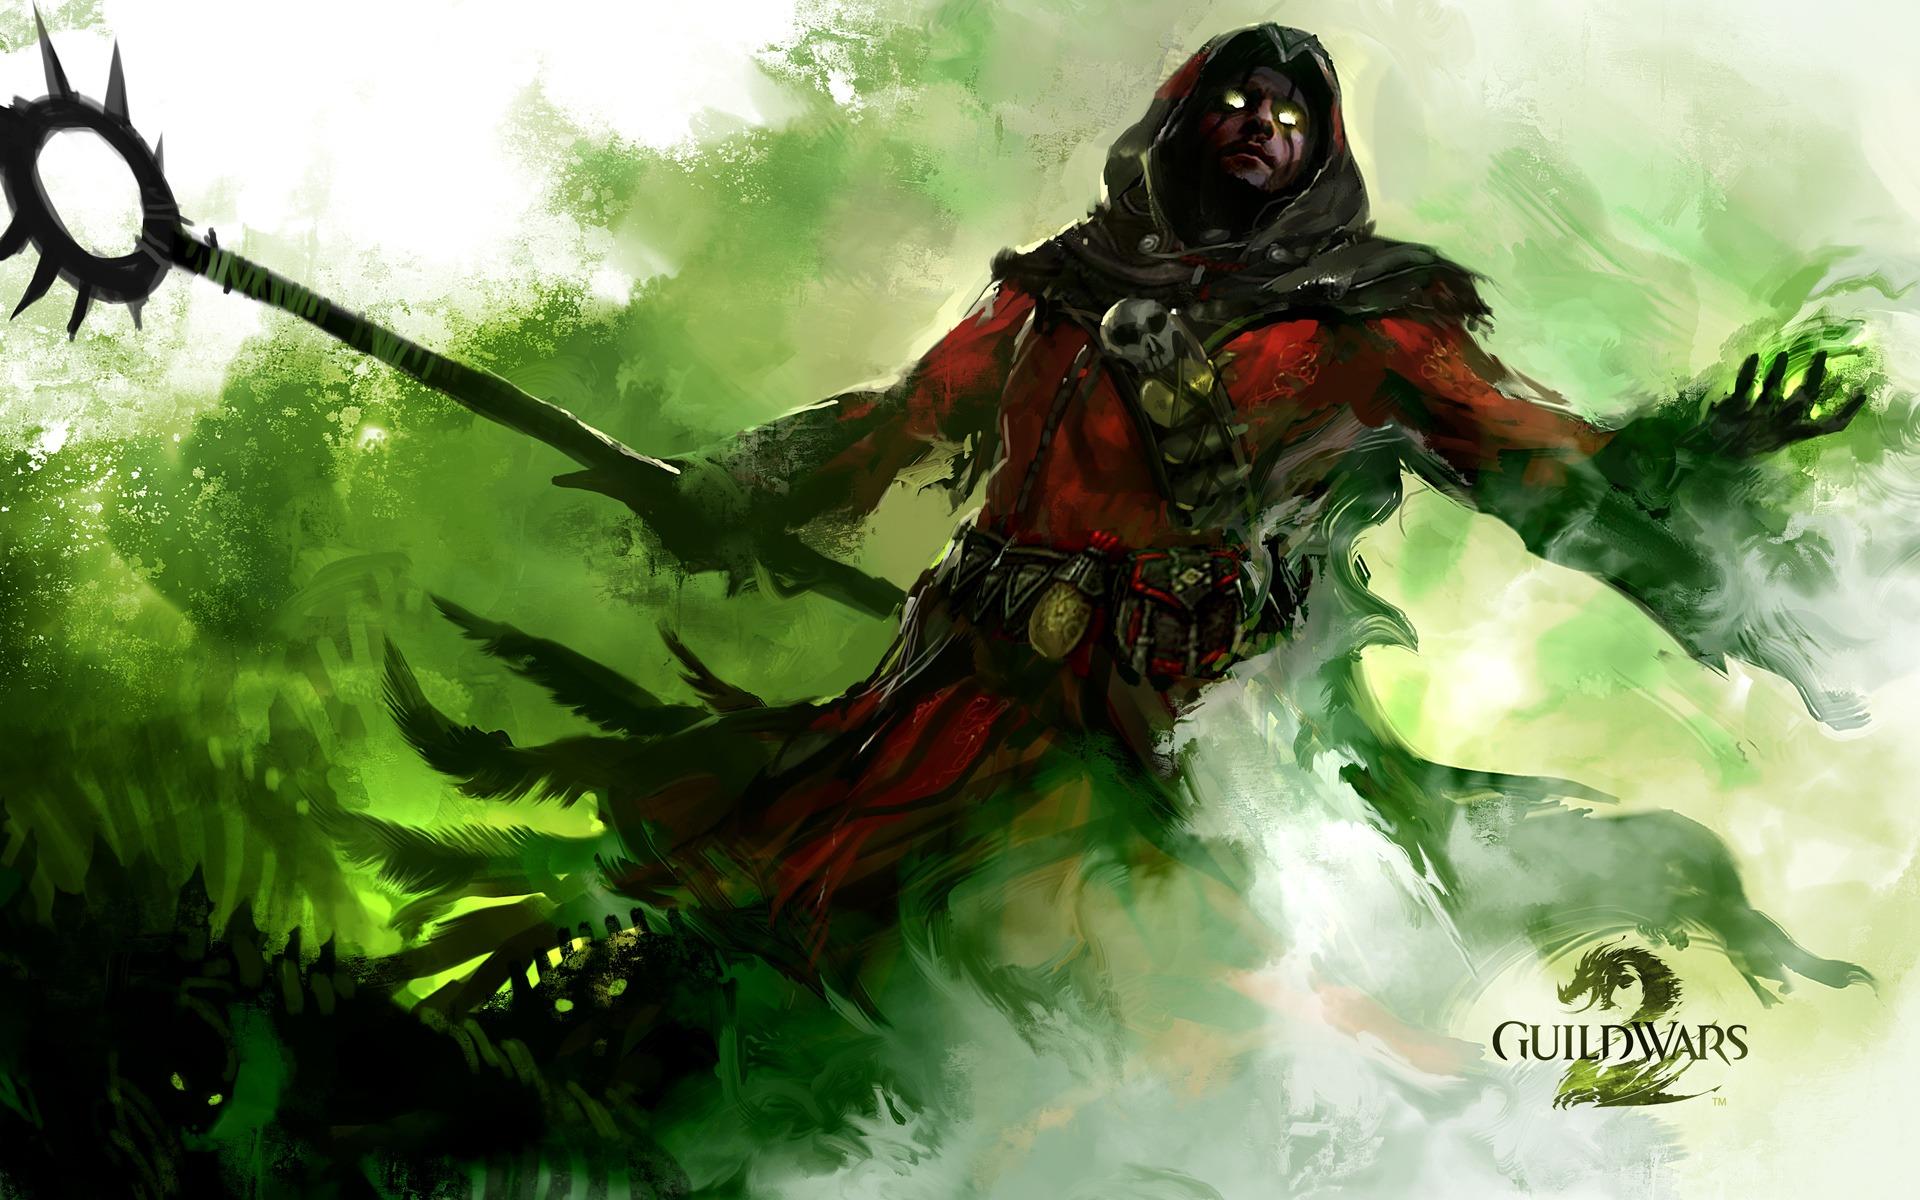 Fantasy Art Necromancers Wallpapers Hd Desktop And: Imagen De Hechicero HD